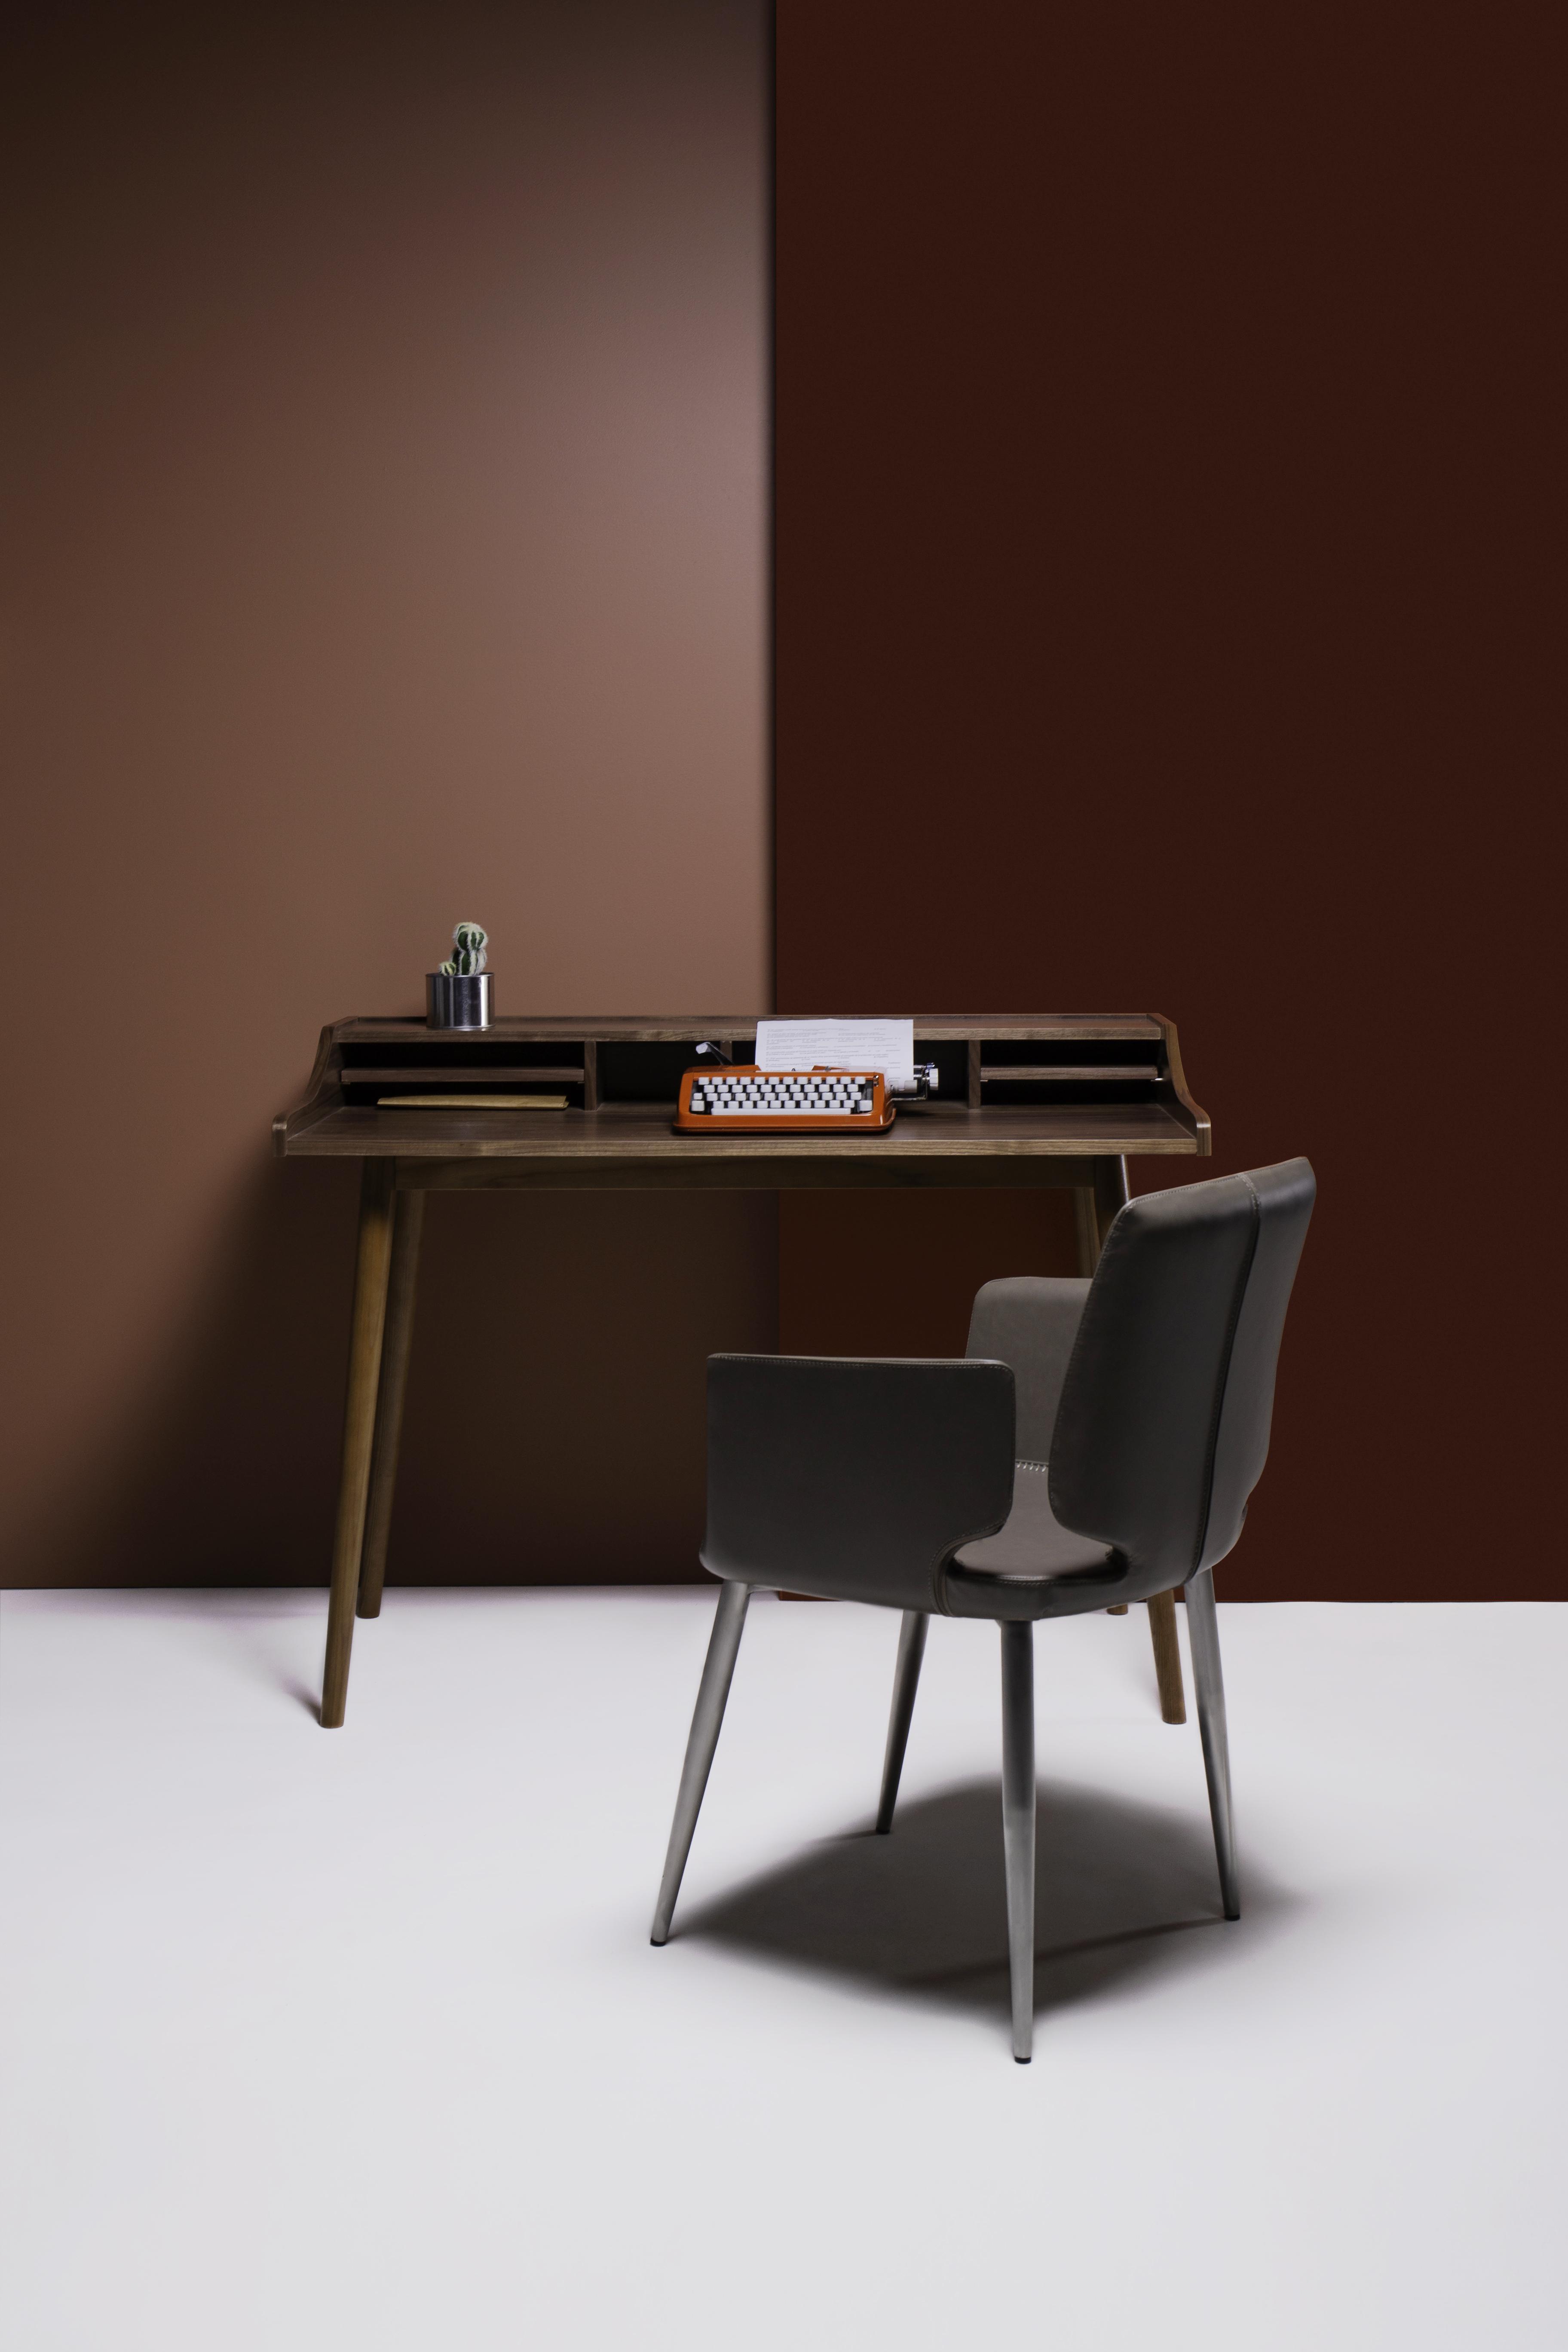 como-armar-un-home-office-moblum-escritorio